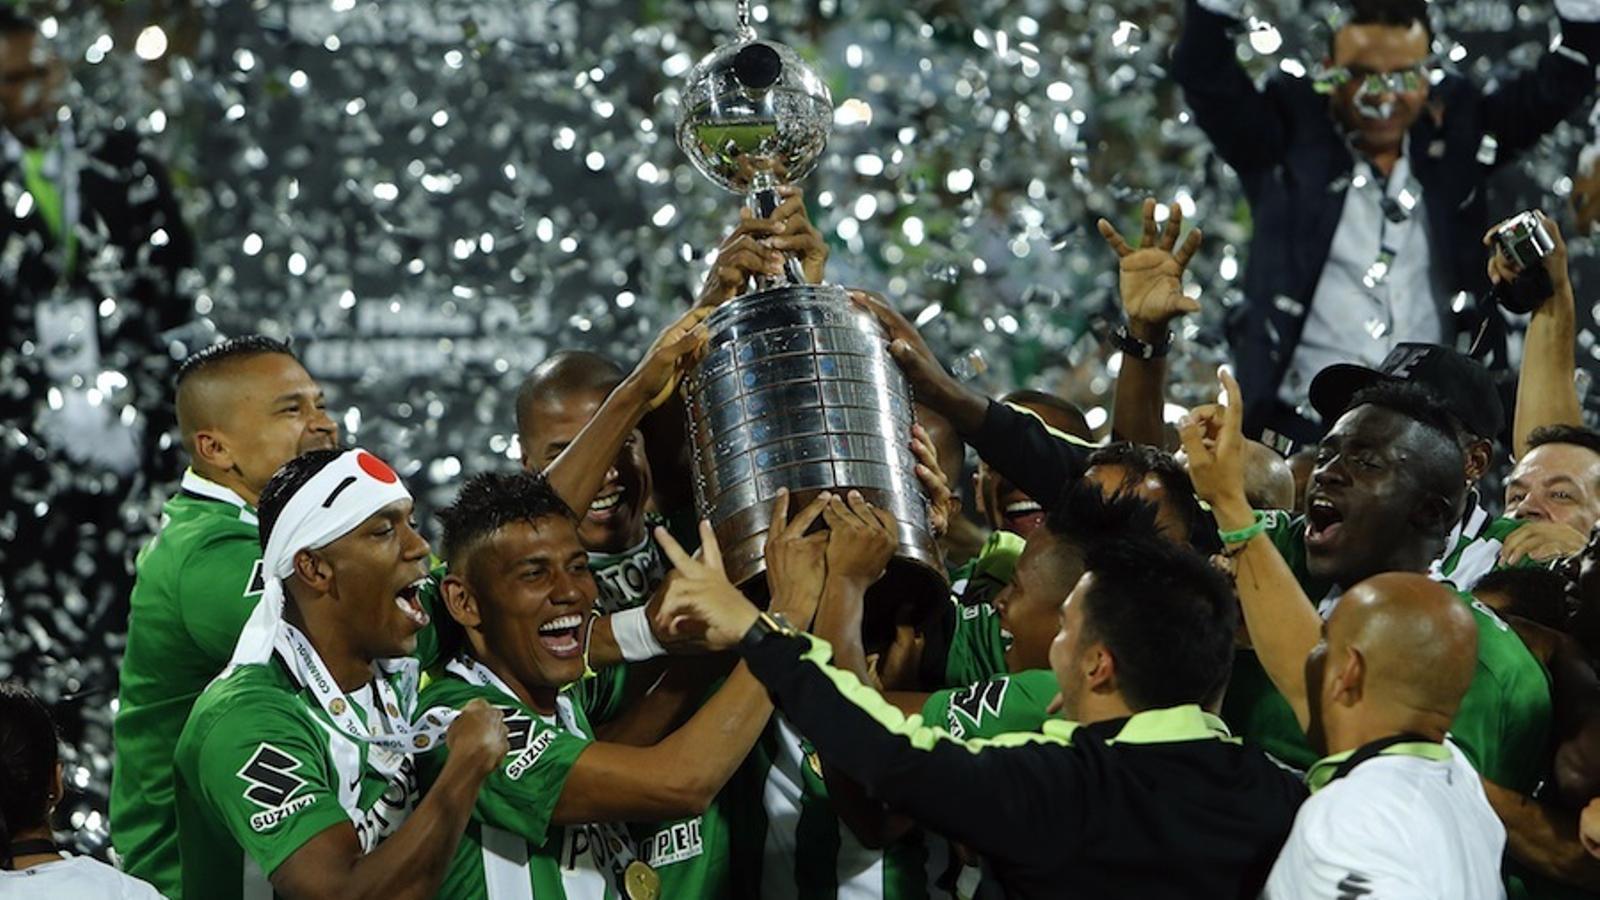 Nacional de Medellín torna a conquerir la Libertadores 27 anys després